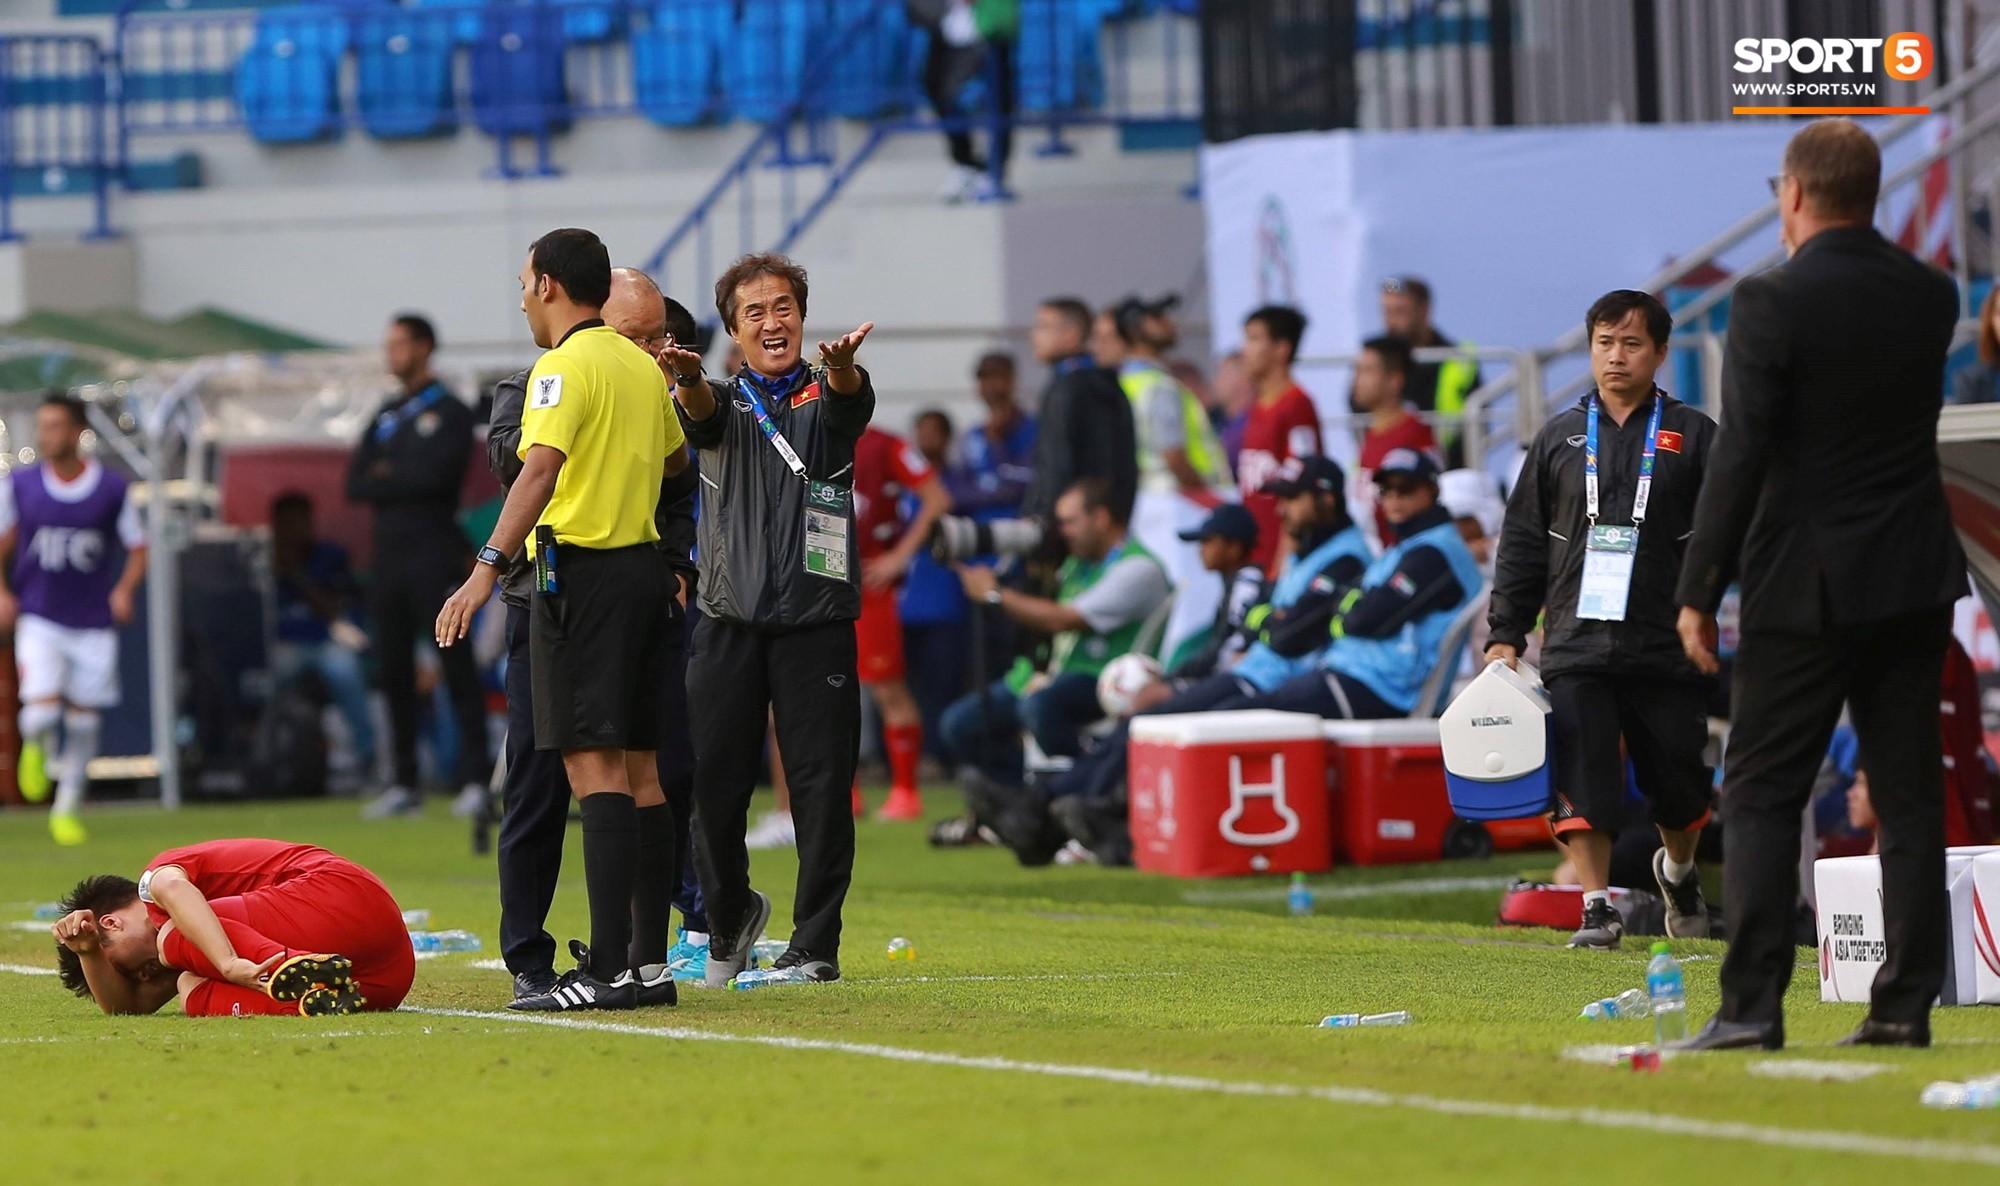 Quang Hải bị phạm lỗi, HLV Park Hang Seo gắt với cả trọng tài và HLV Jordan để đòi công bằng-5